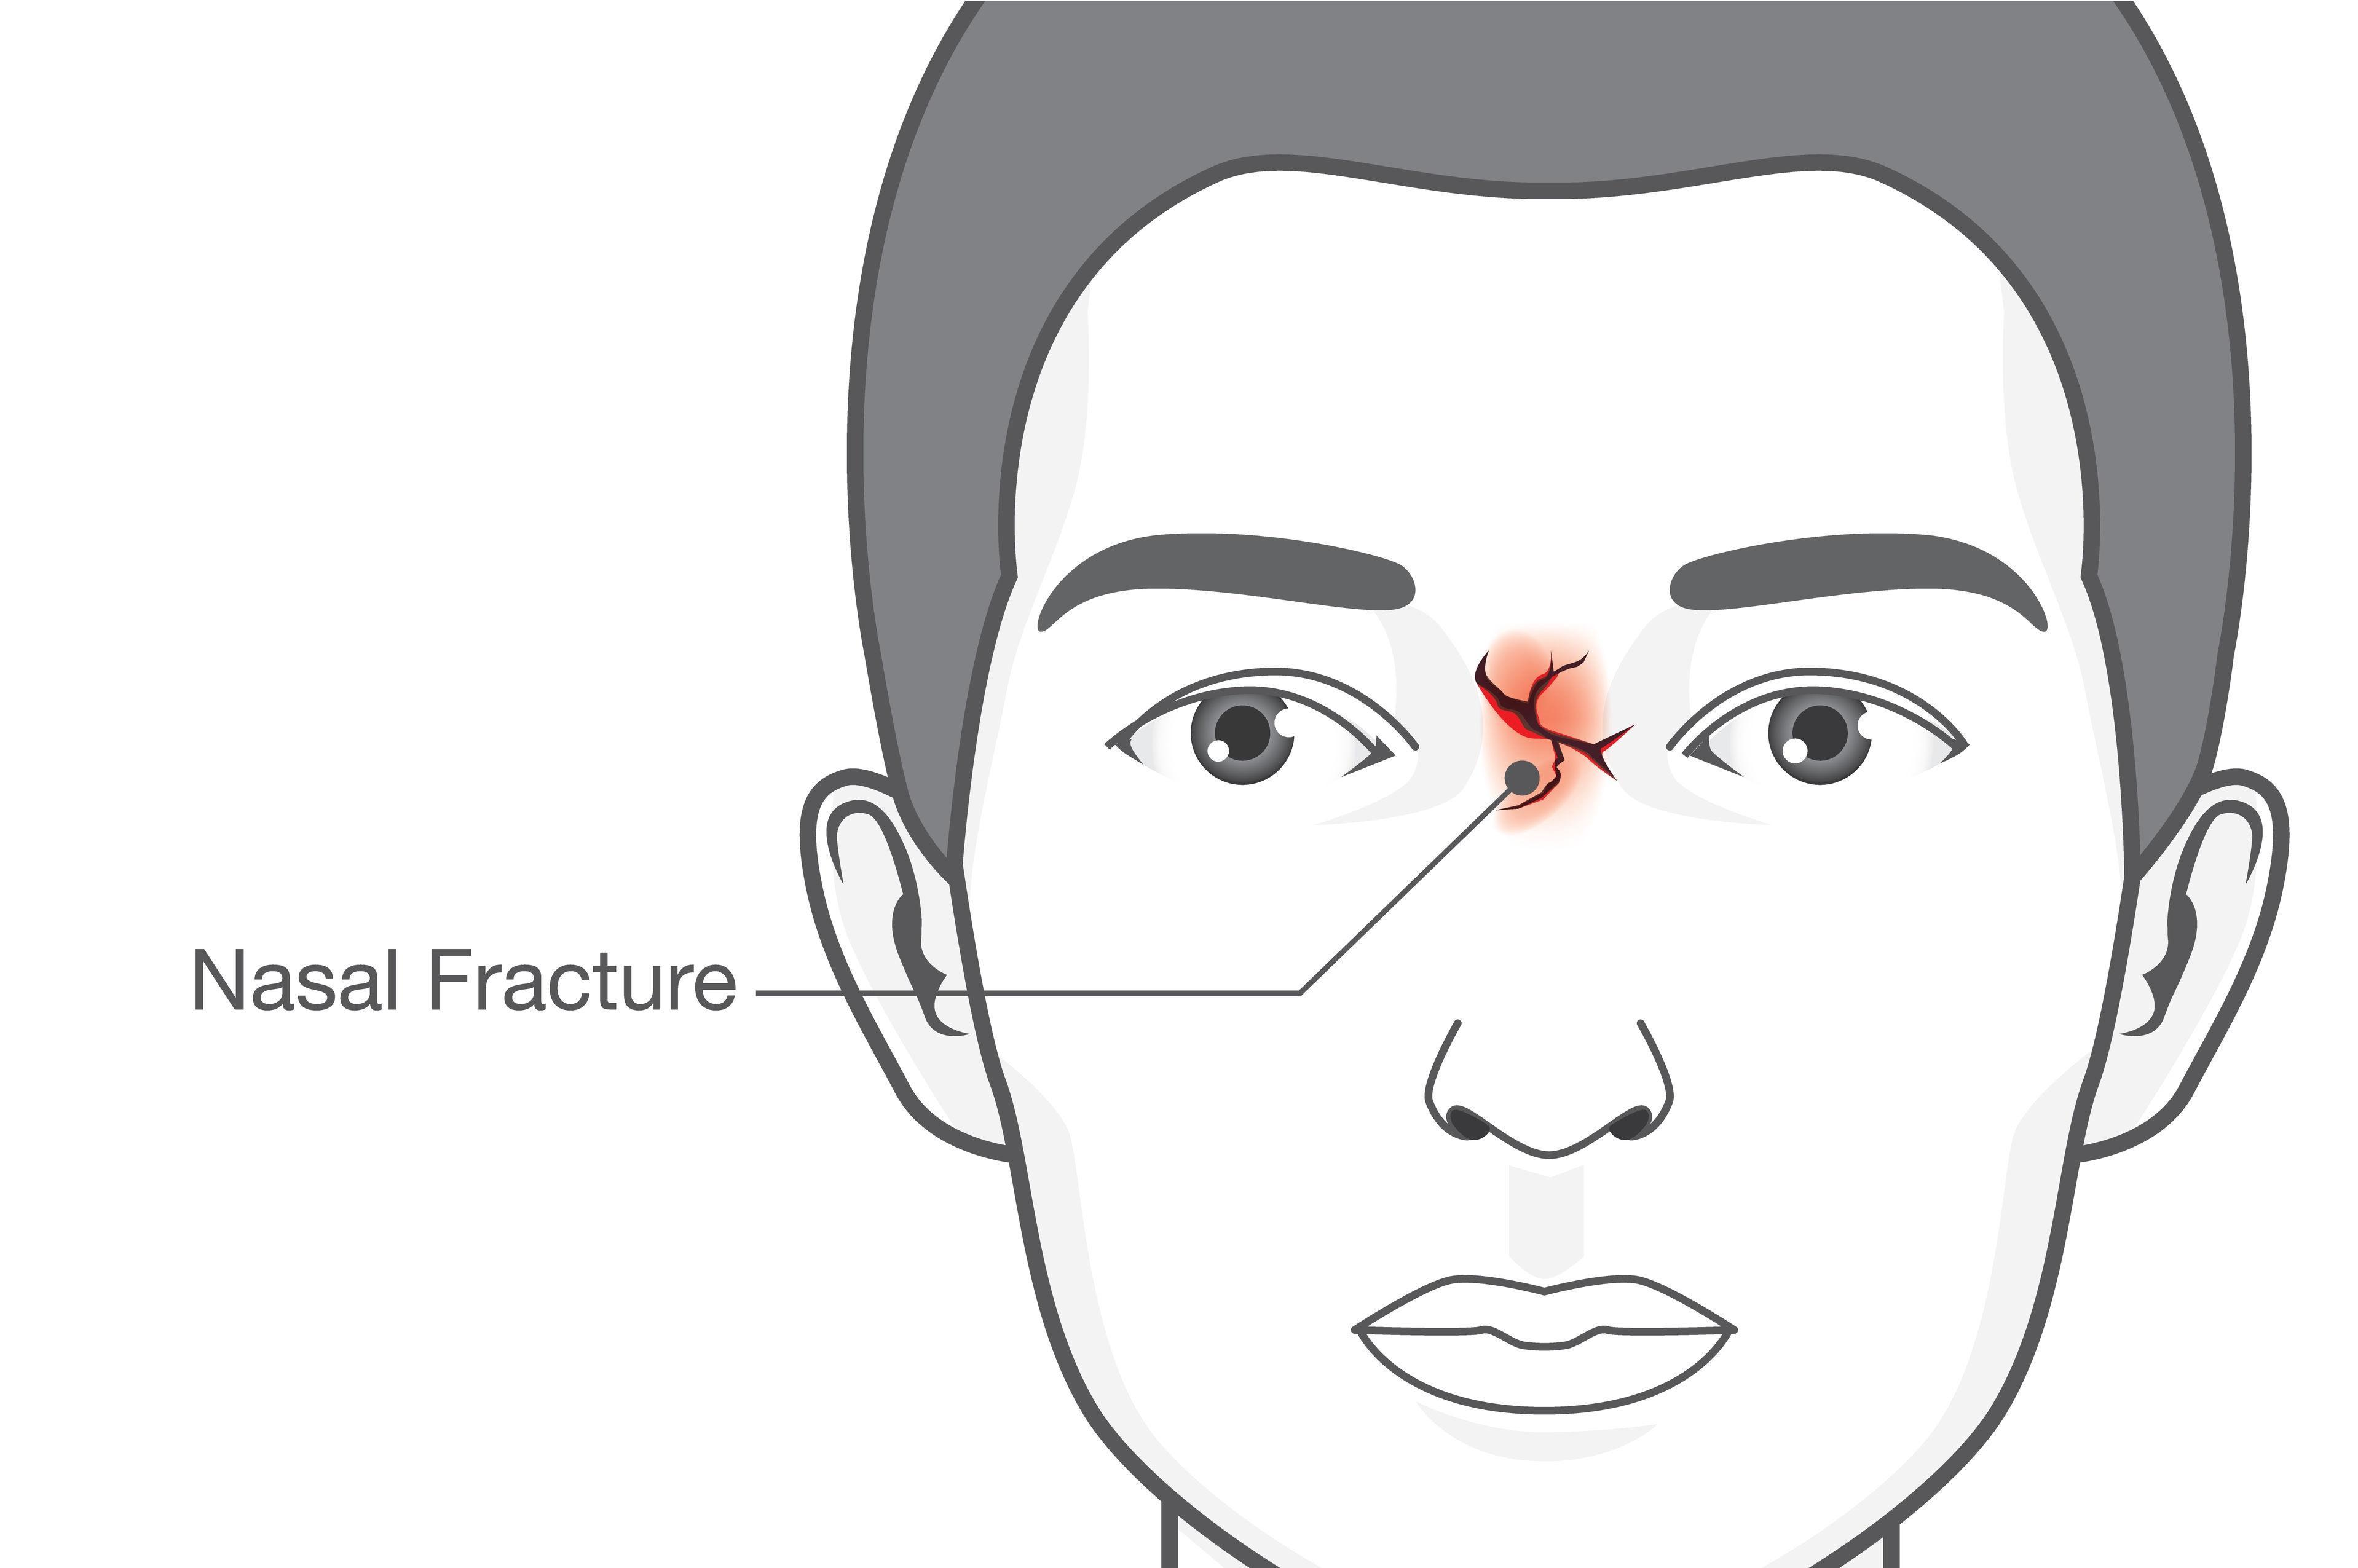 浅谈鼻骨骨折的诊断以及治疗